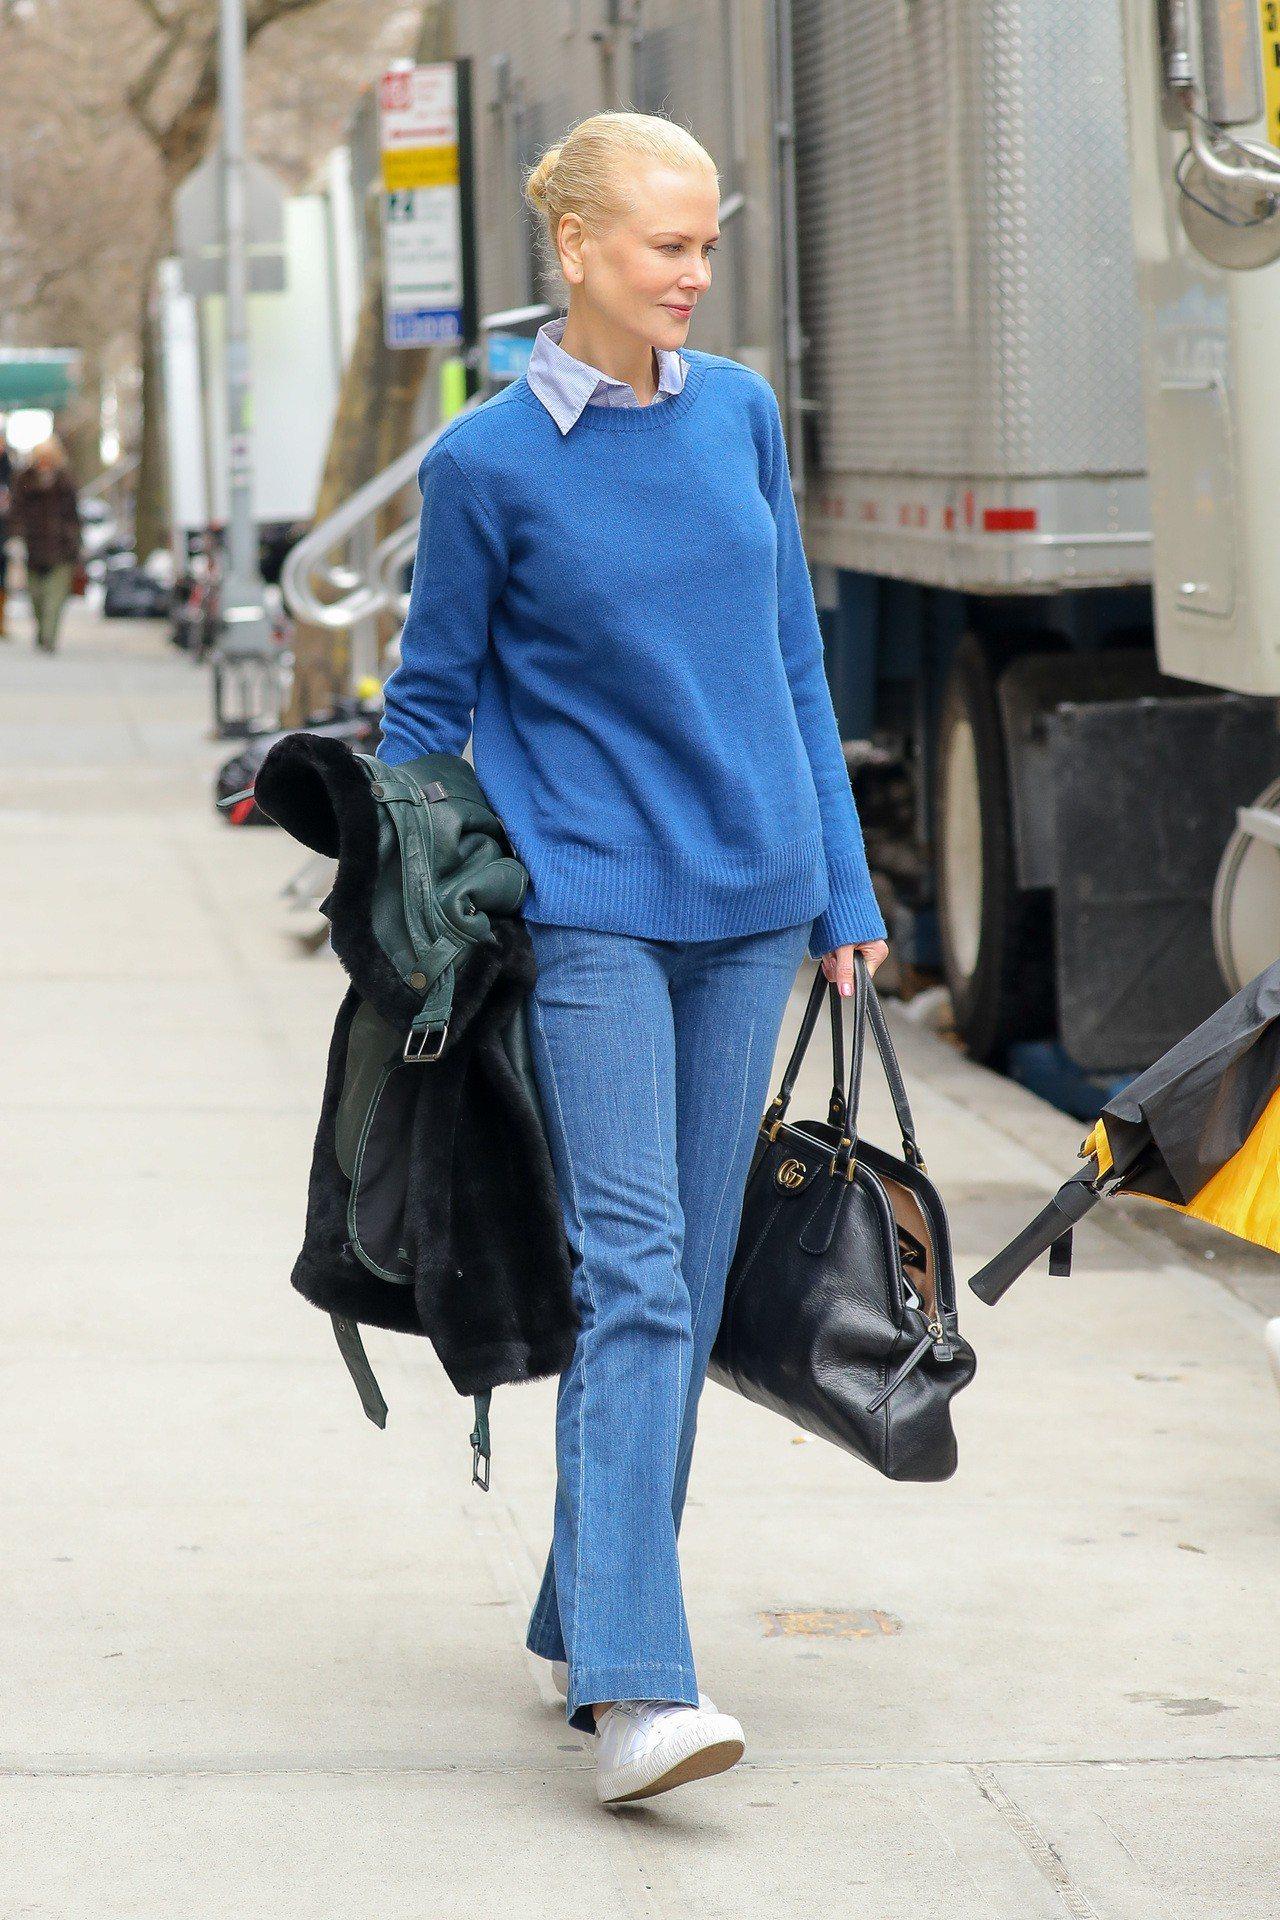 妮可基嫚拎RE(BELLE) 復古刷色手提肩背包。圖/Gucci提供